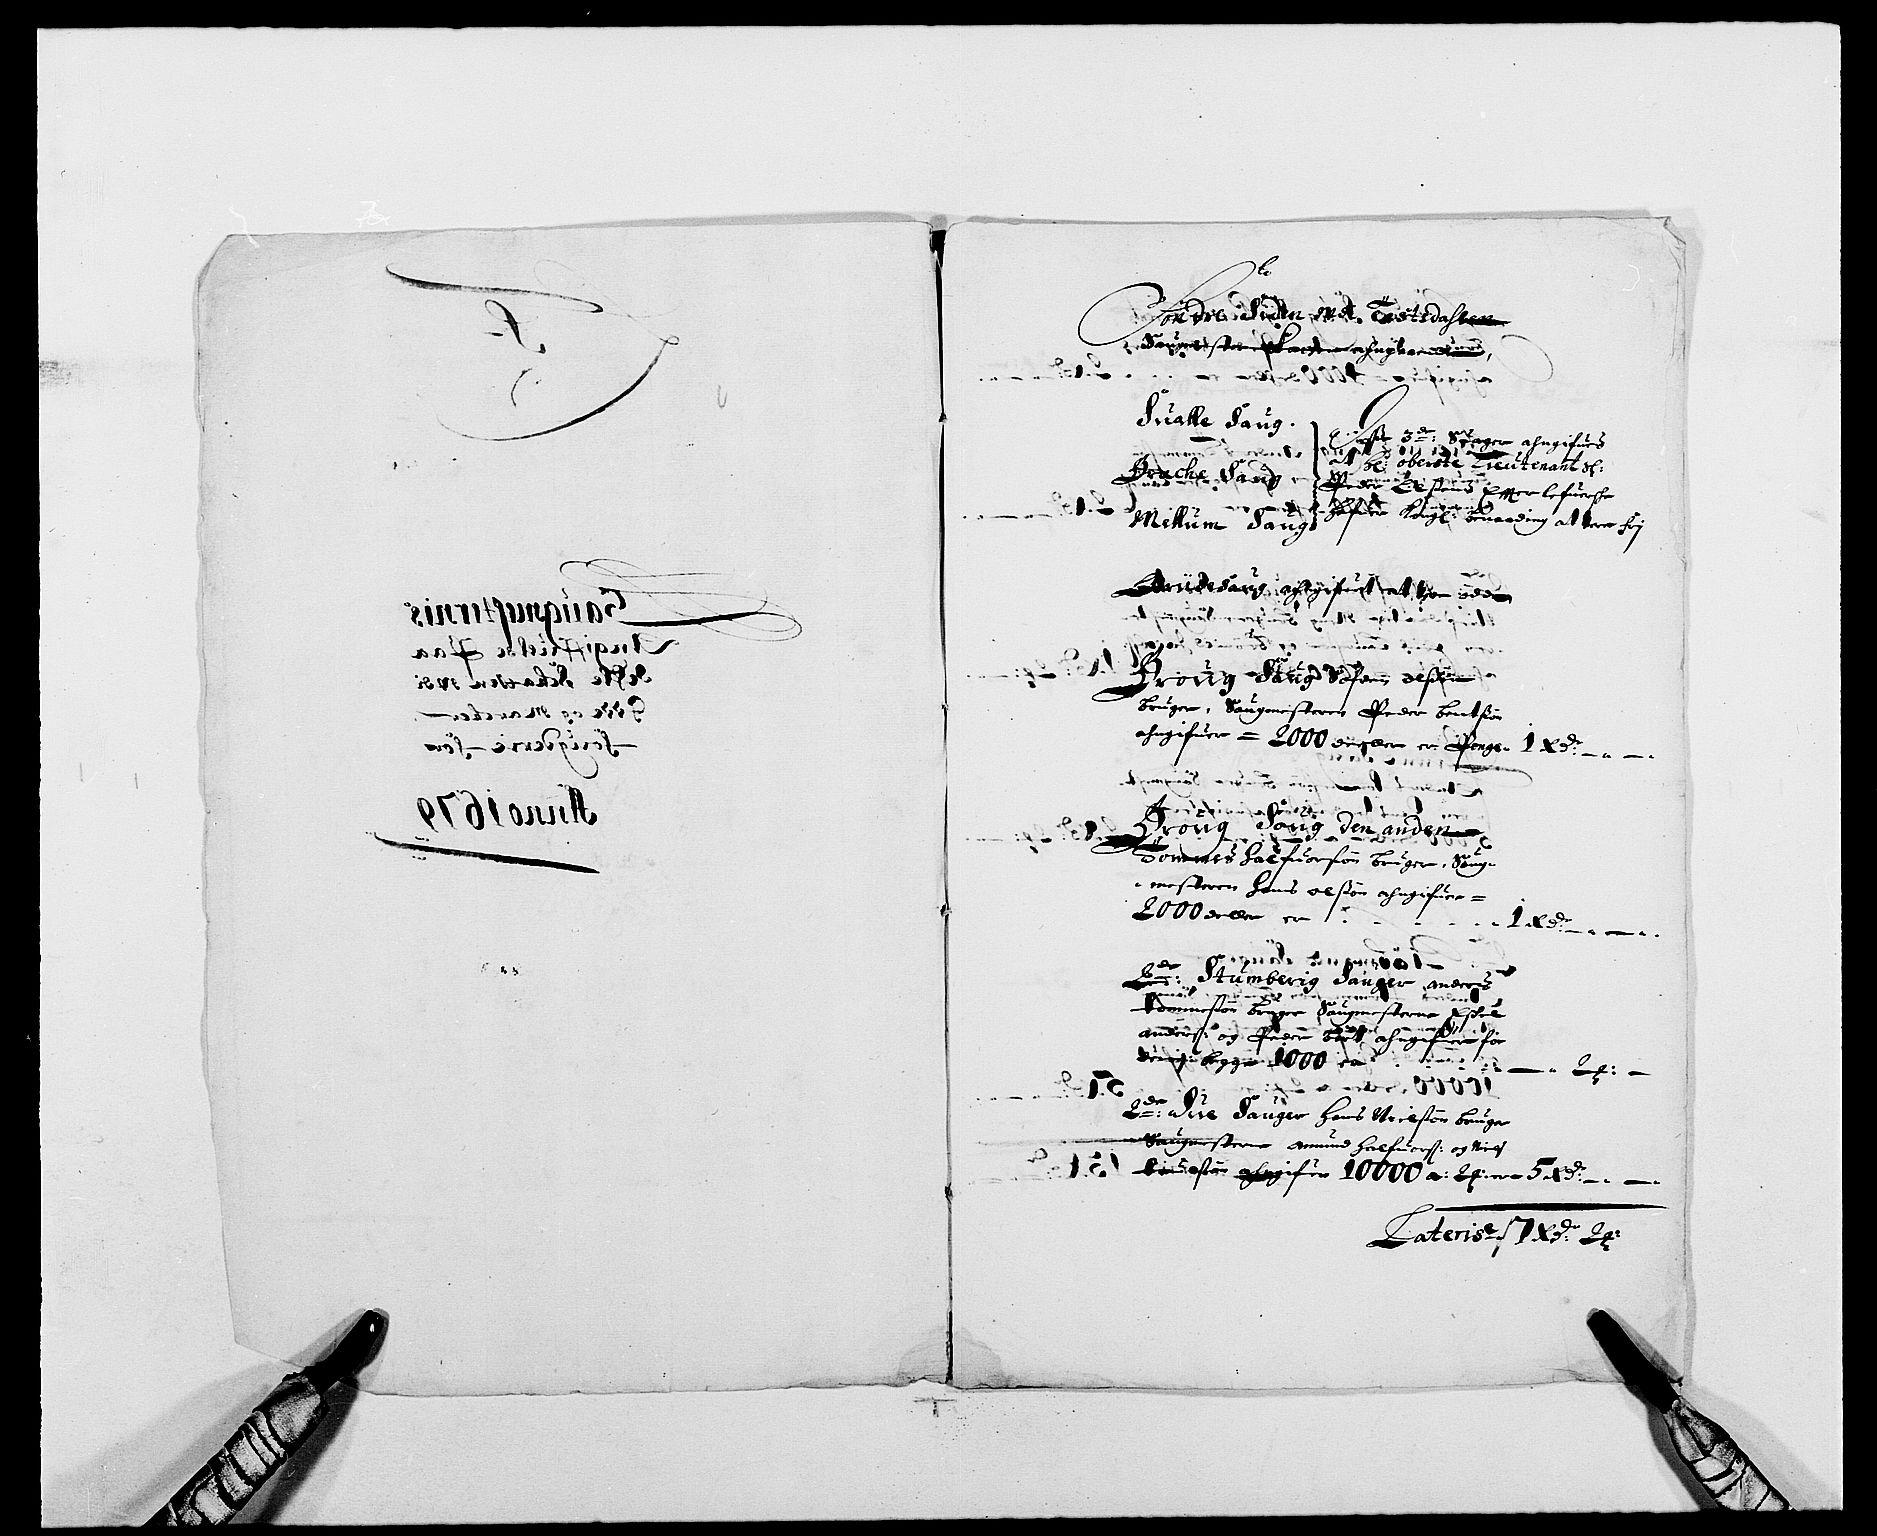 RA, Rentekammeret inntil 1814, Reviderte regnskaper, Fogderegnskap, R01/L0001: Fogderegnskap Idd og Marker, 1678-1679, p. 472